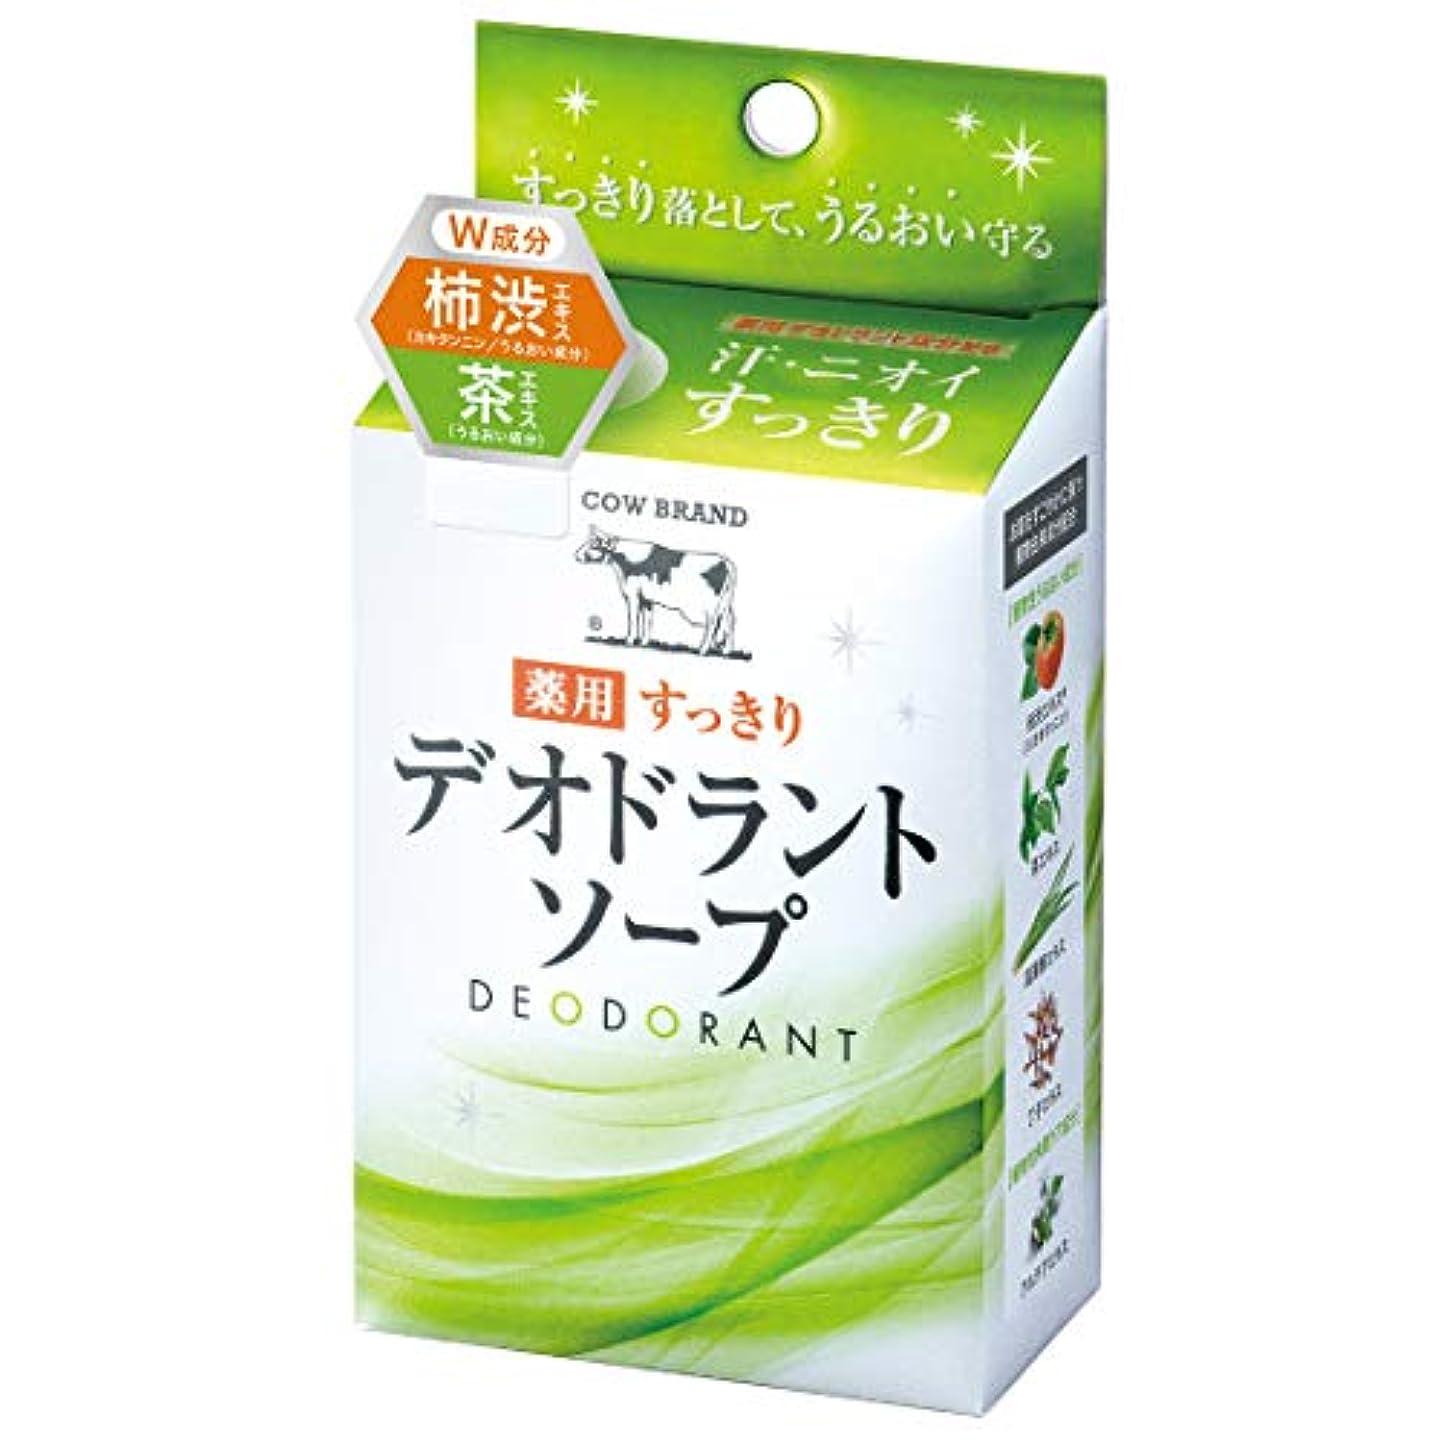 ピストル矢チャンピオンシップカウブランド 薬用すっきりデオドラントソープ 125g (医薬部外品)